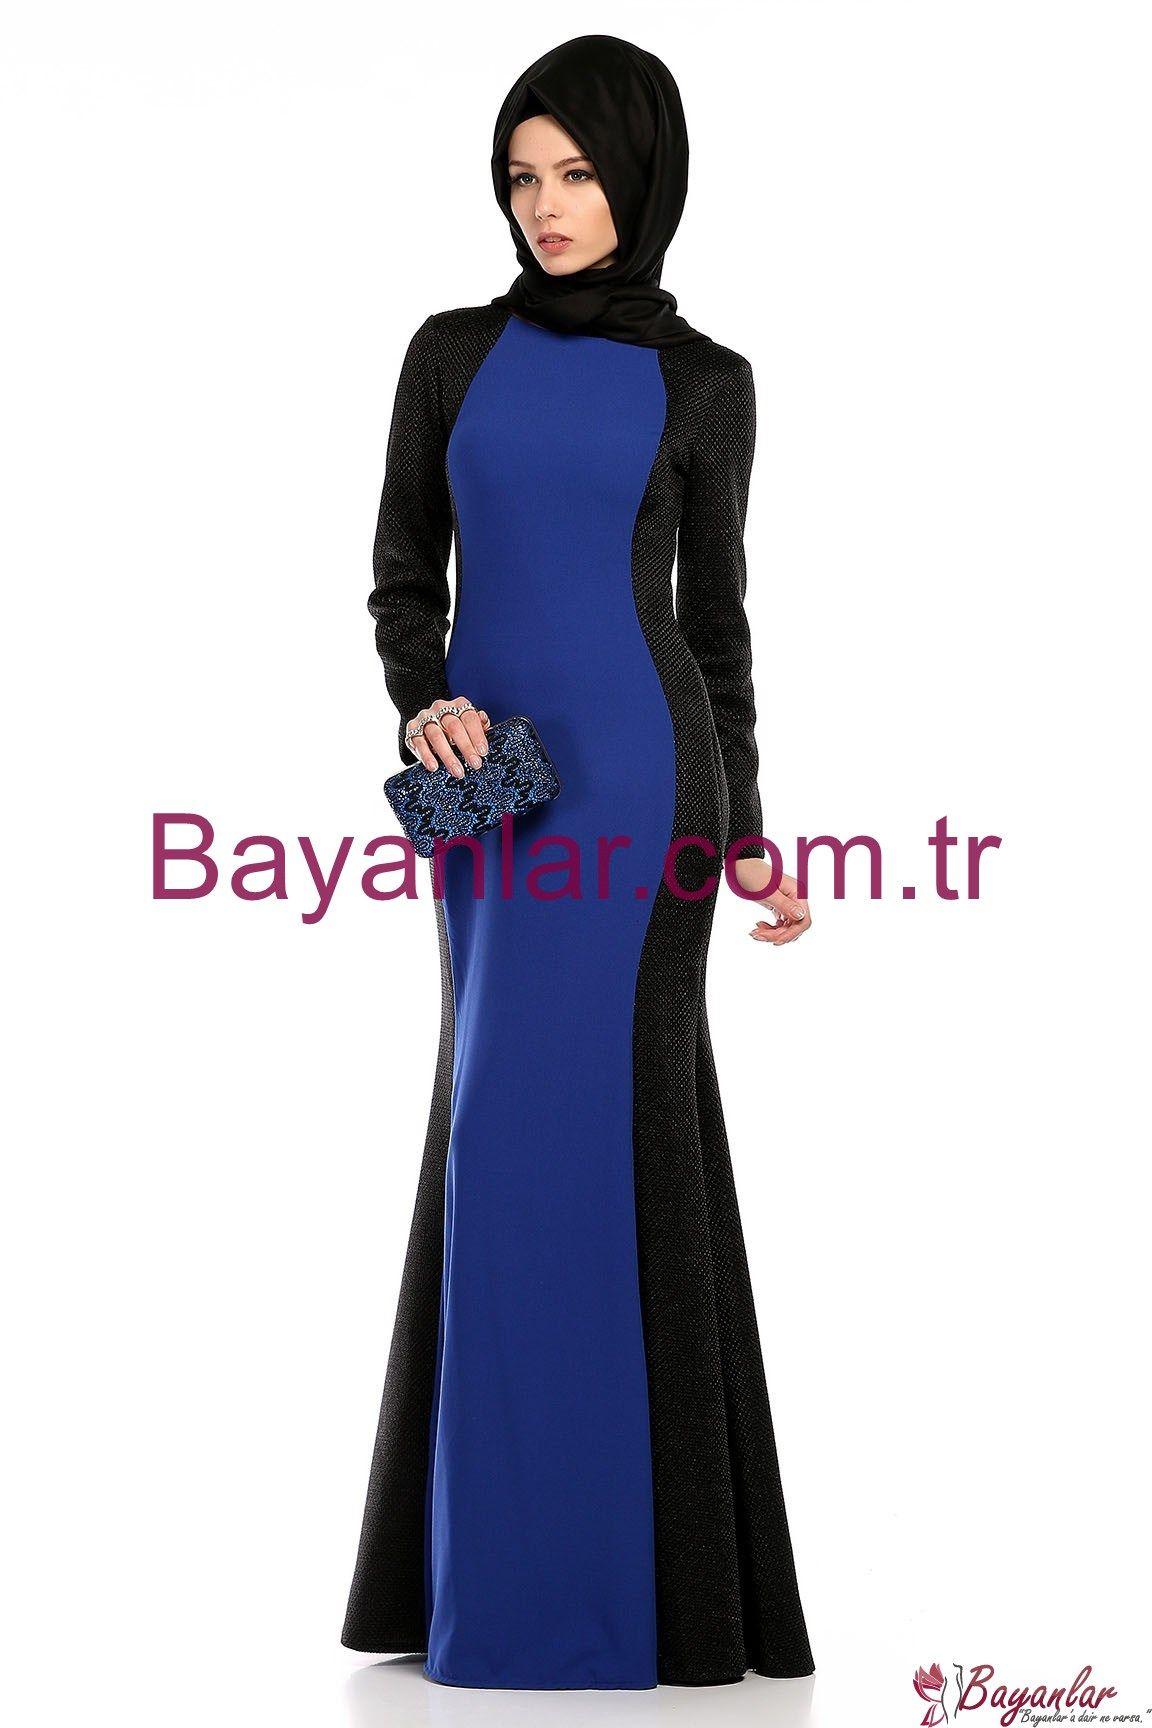 Orta Yas Abiye Elbise Modelleri 2018 Abiye Modelleri Daha Fazla Model Http Www Bayanlar Com Tr Orta Yas Abiye Elbise Modelle Elbise Modelleri Elbise Sapka